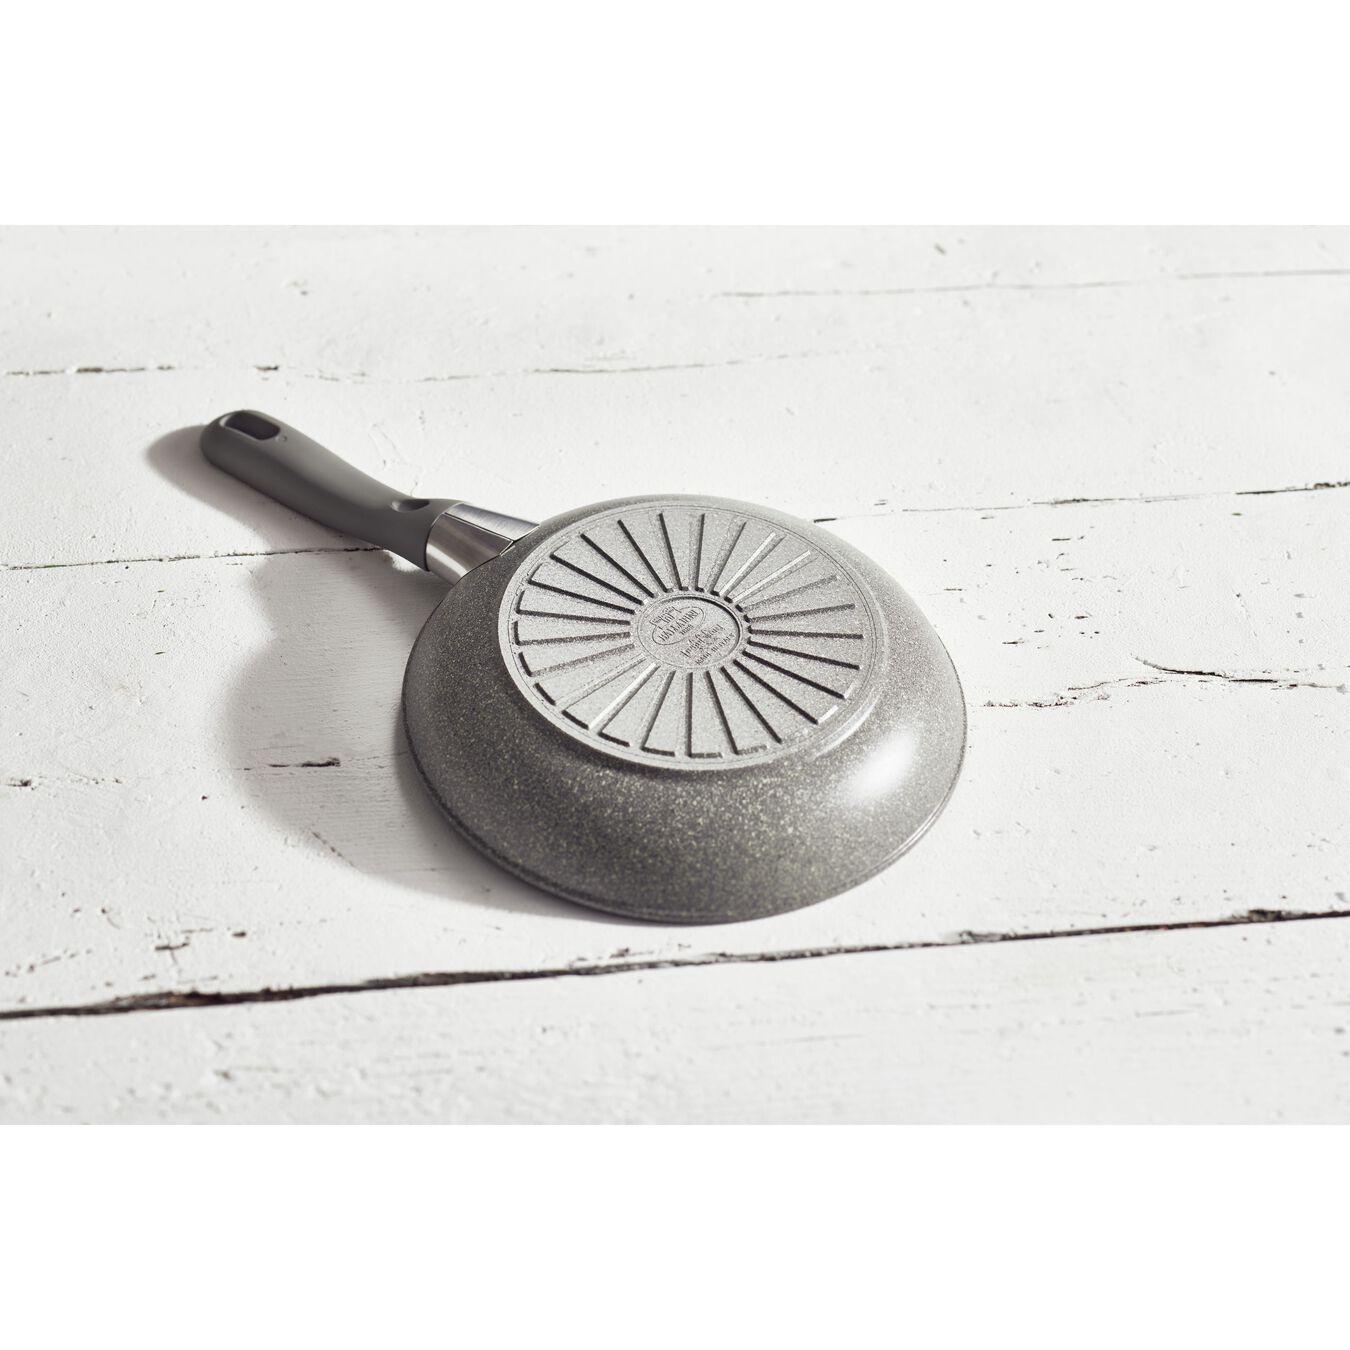 32 cm / 11 inch Aluminium Frying pan,,large 6